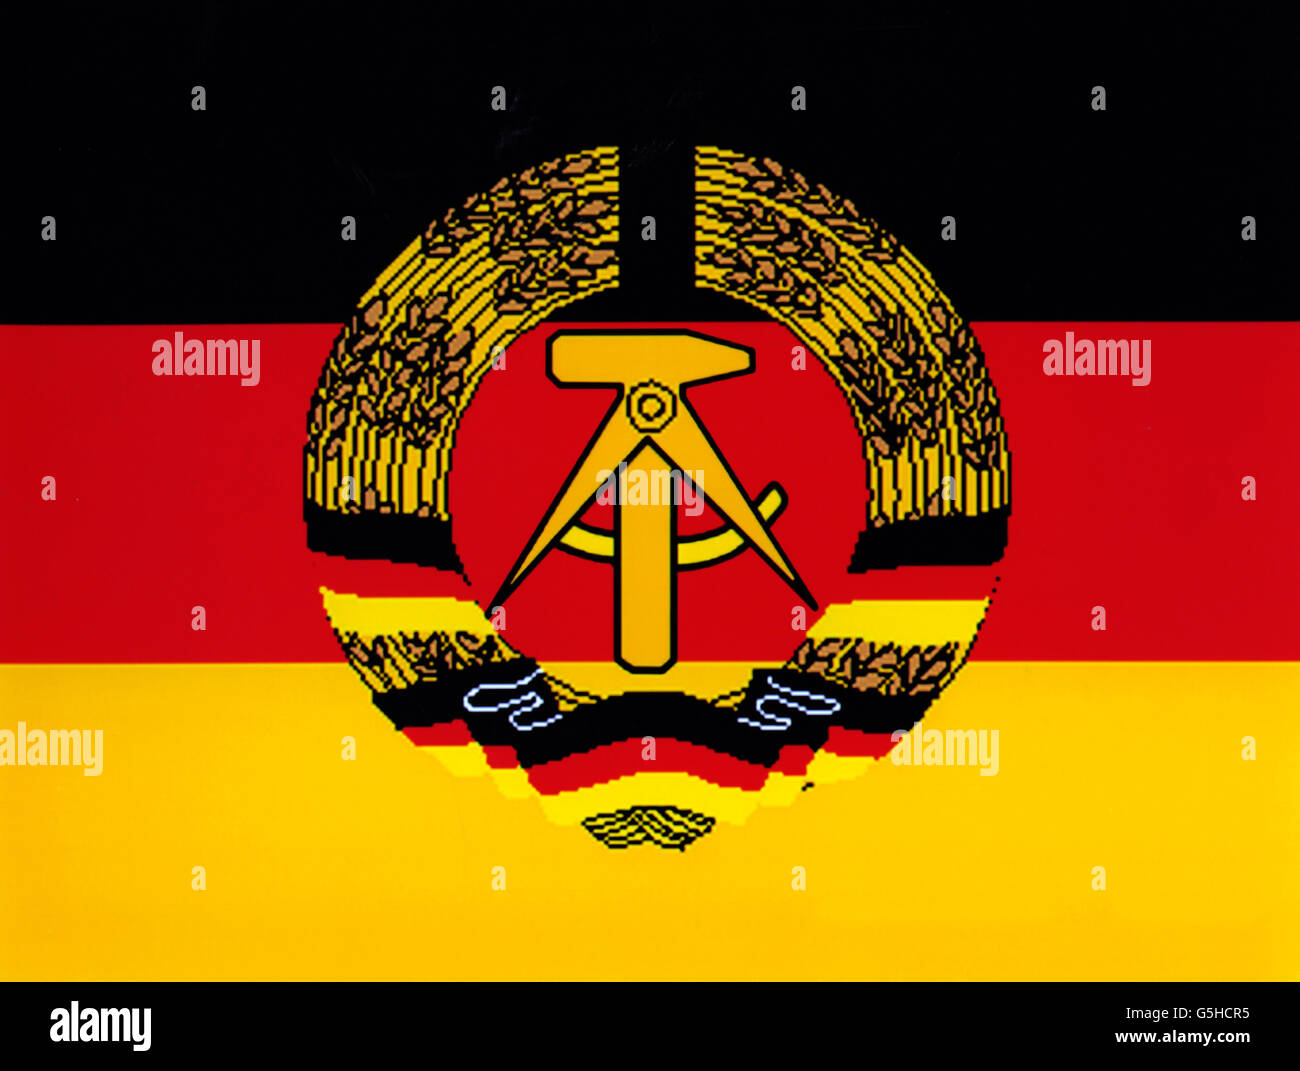 East German Flag Gdr Flag Stock Photos & East German Flag